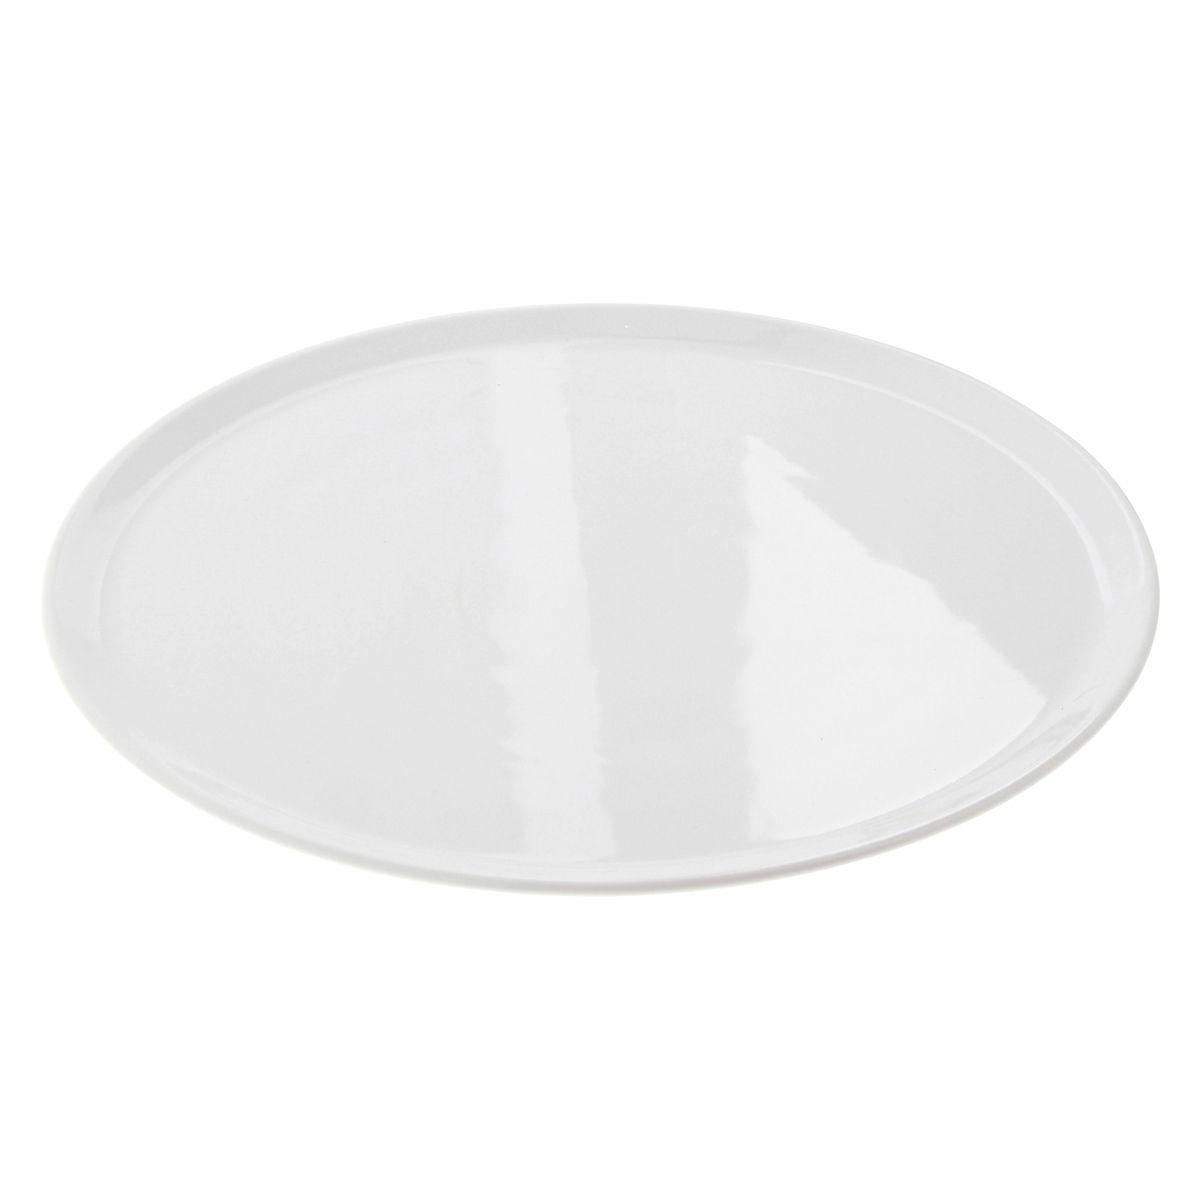 Plat à gâteau en porcelaine blanche 33cm - Table Top Diffusion